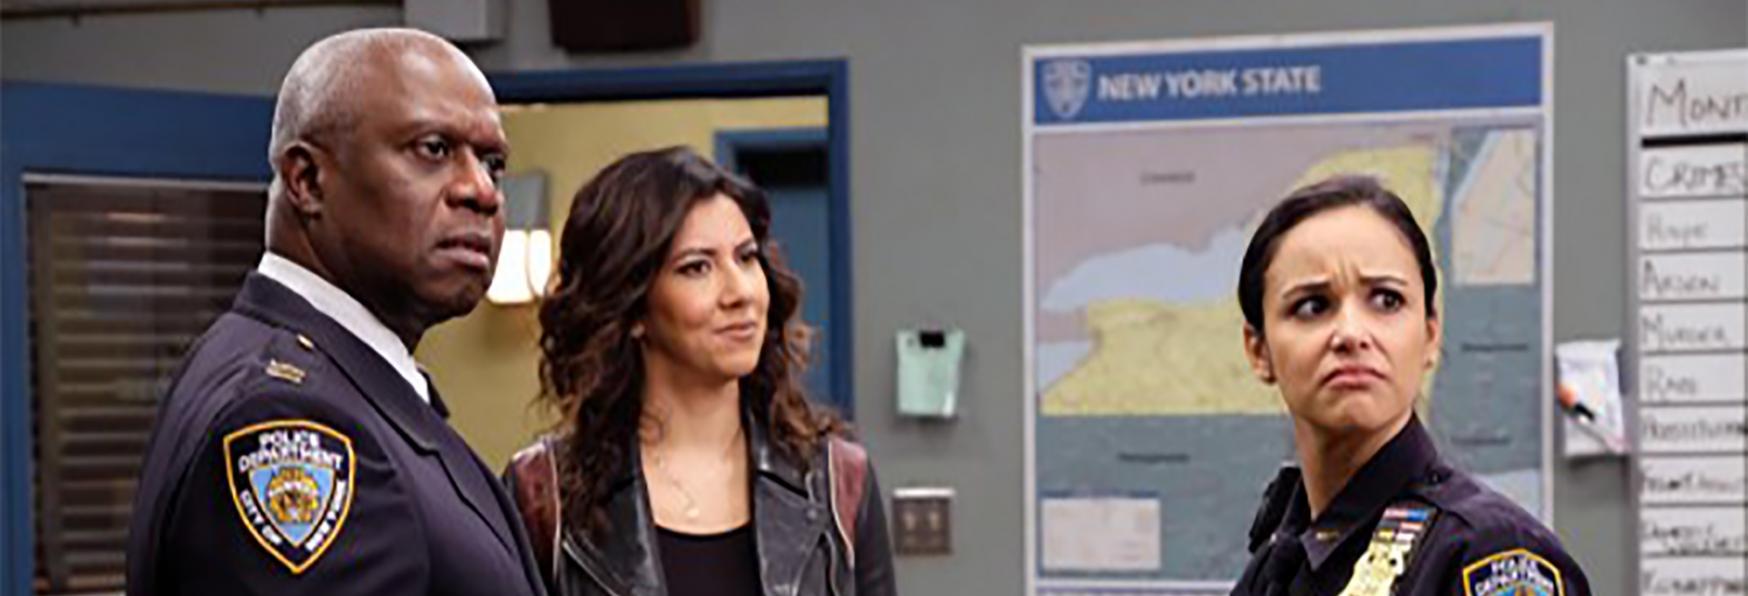 Brooklyn Nine-Nine 8: Confermato il Rilascio della Nuova Stagione nel 2021